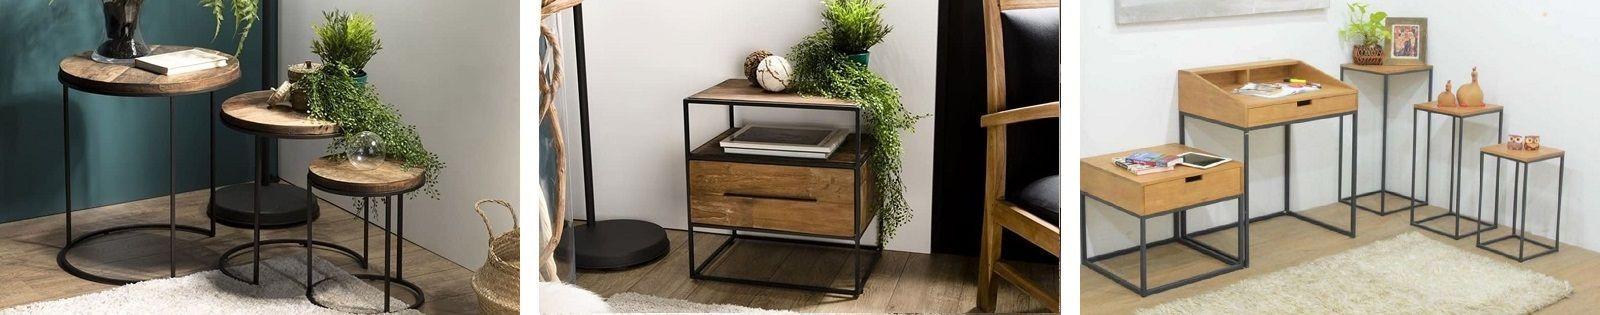 Sellette : meubles de qualité en bois massif. Haut de gamme. Lotuséa